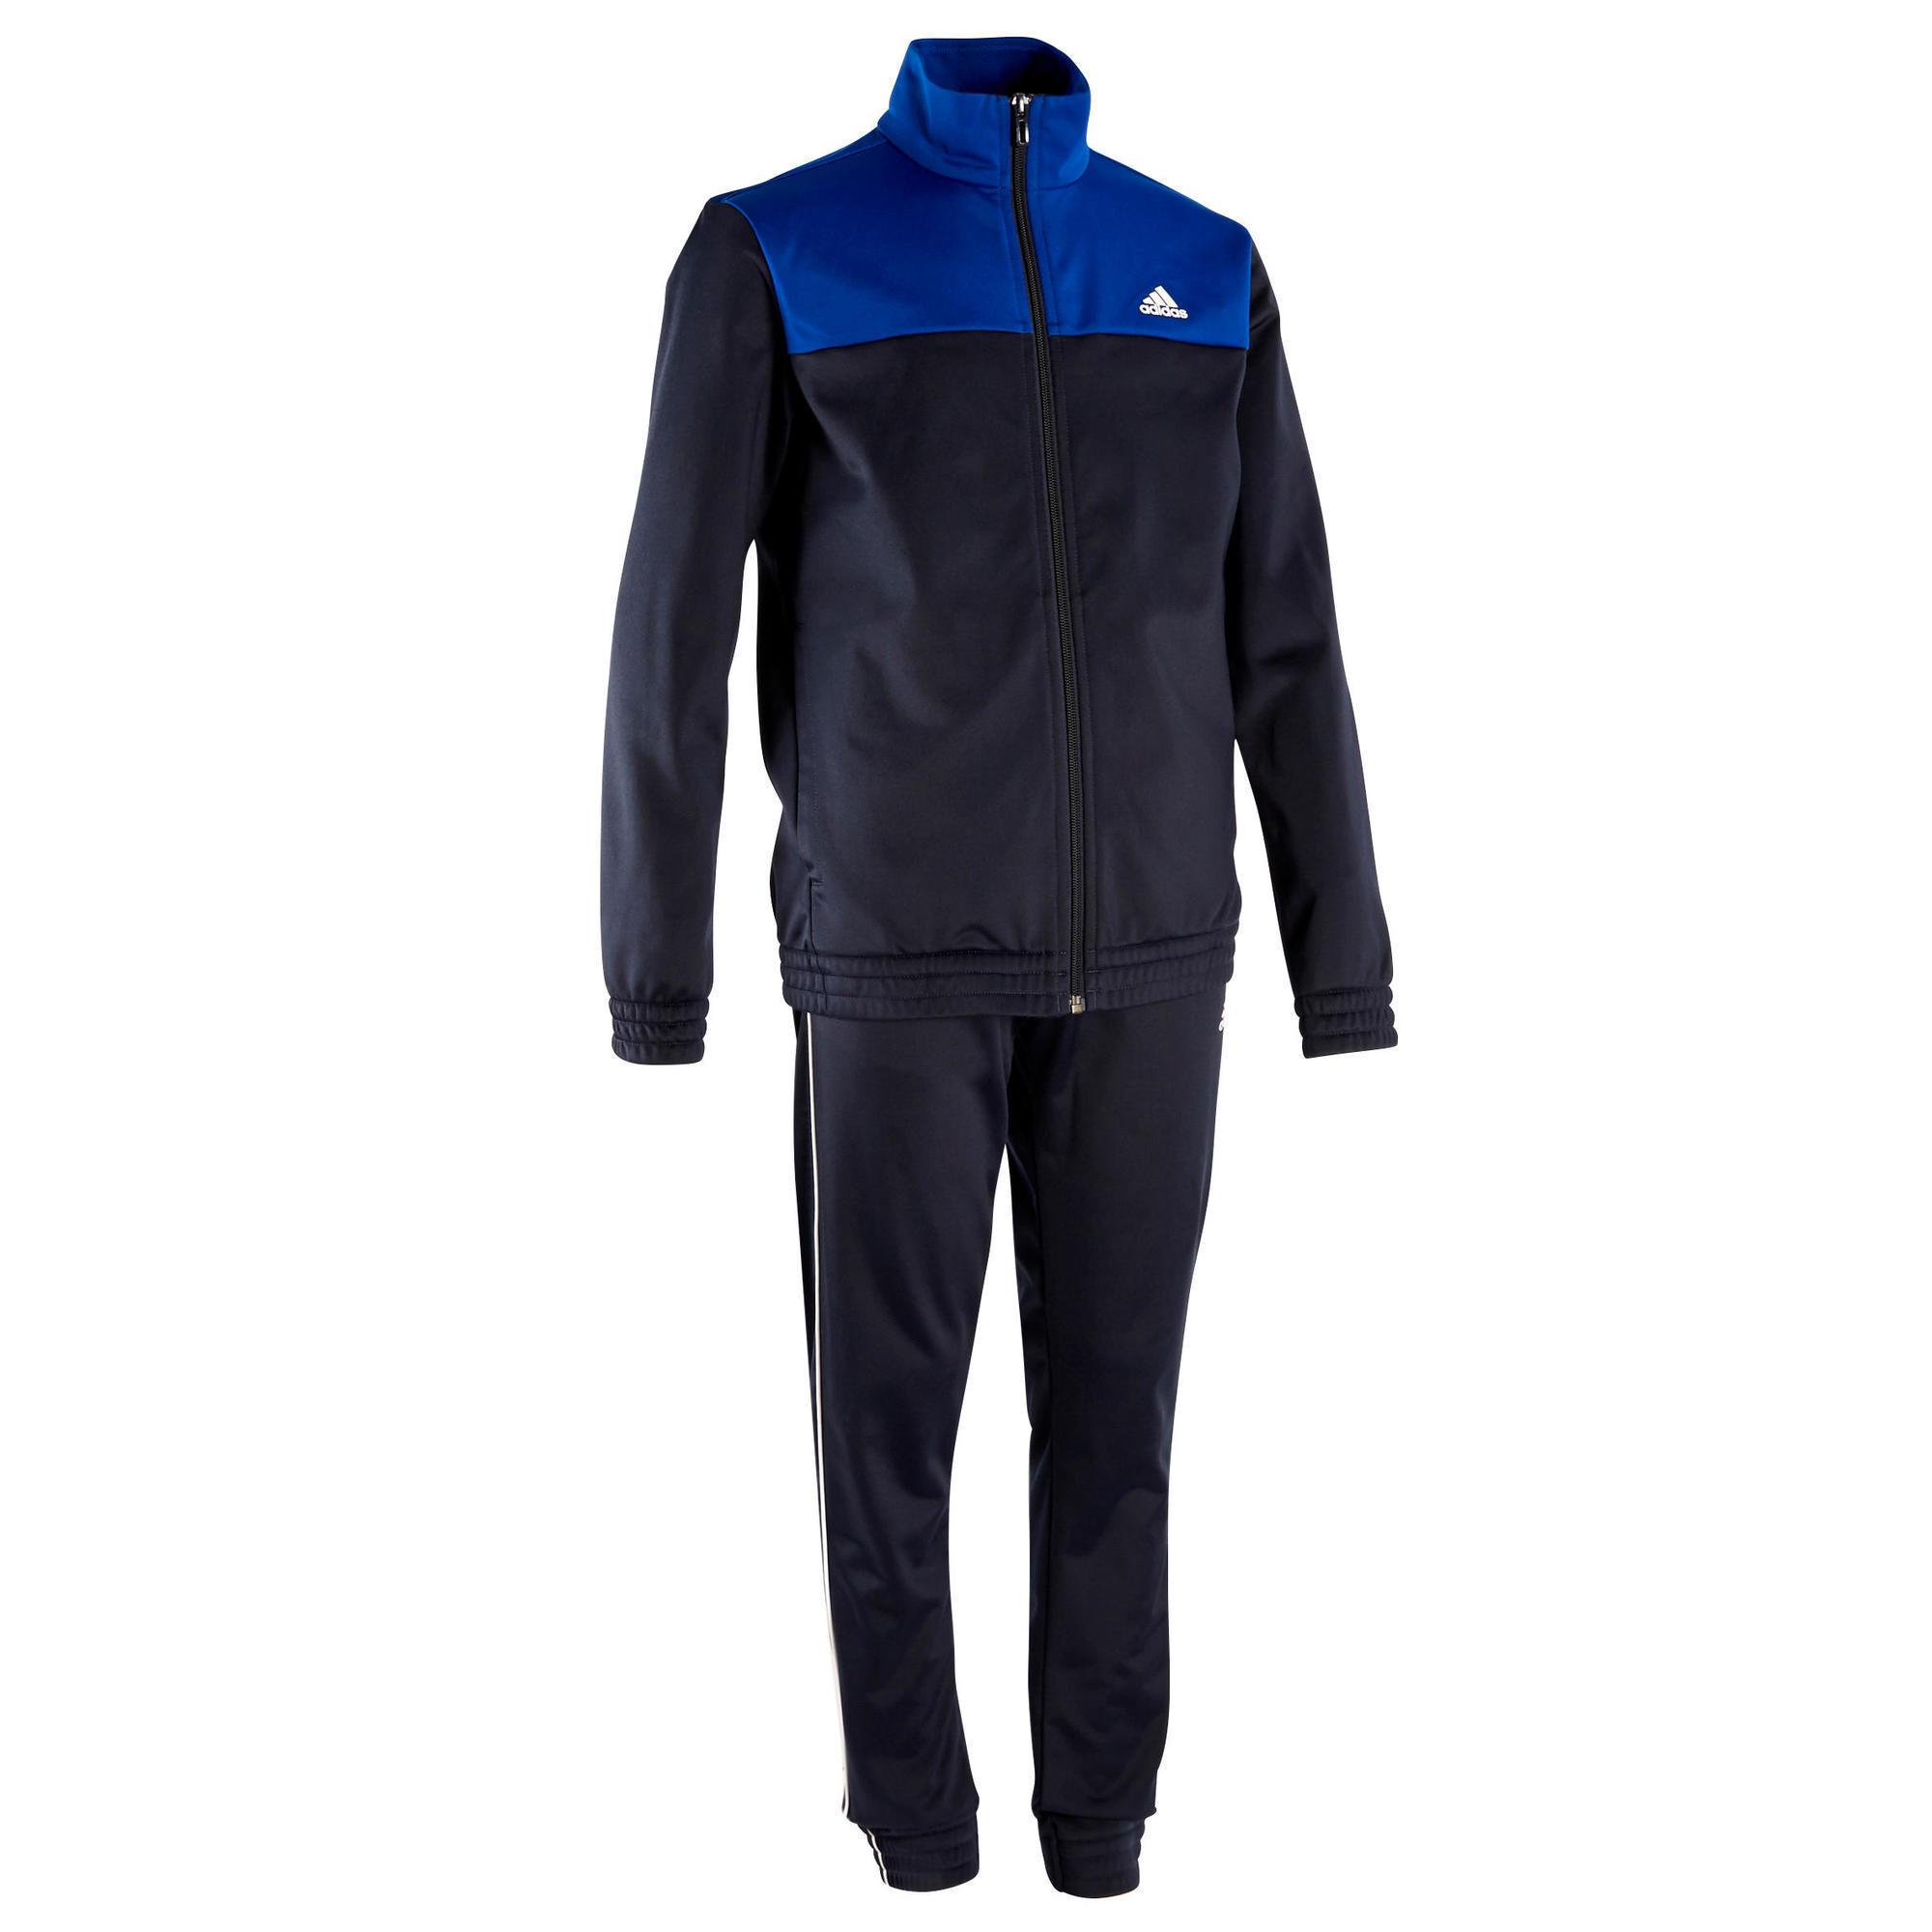 Adidas & Puma Trainingsanzüge für Kinder für 19,99€ + Versand